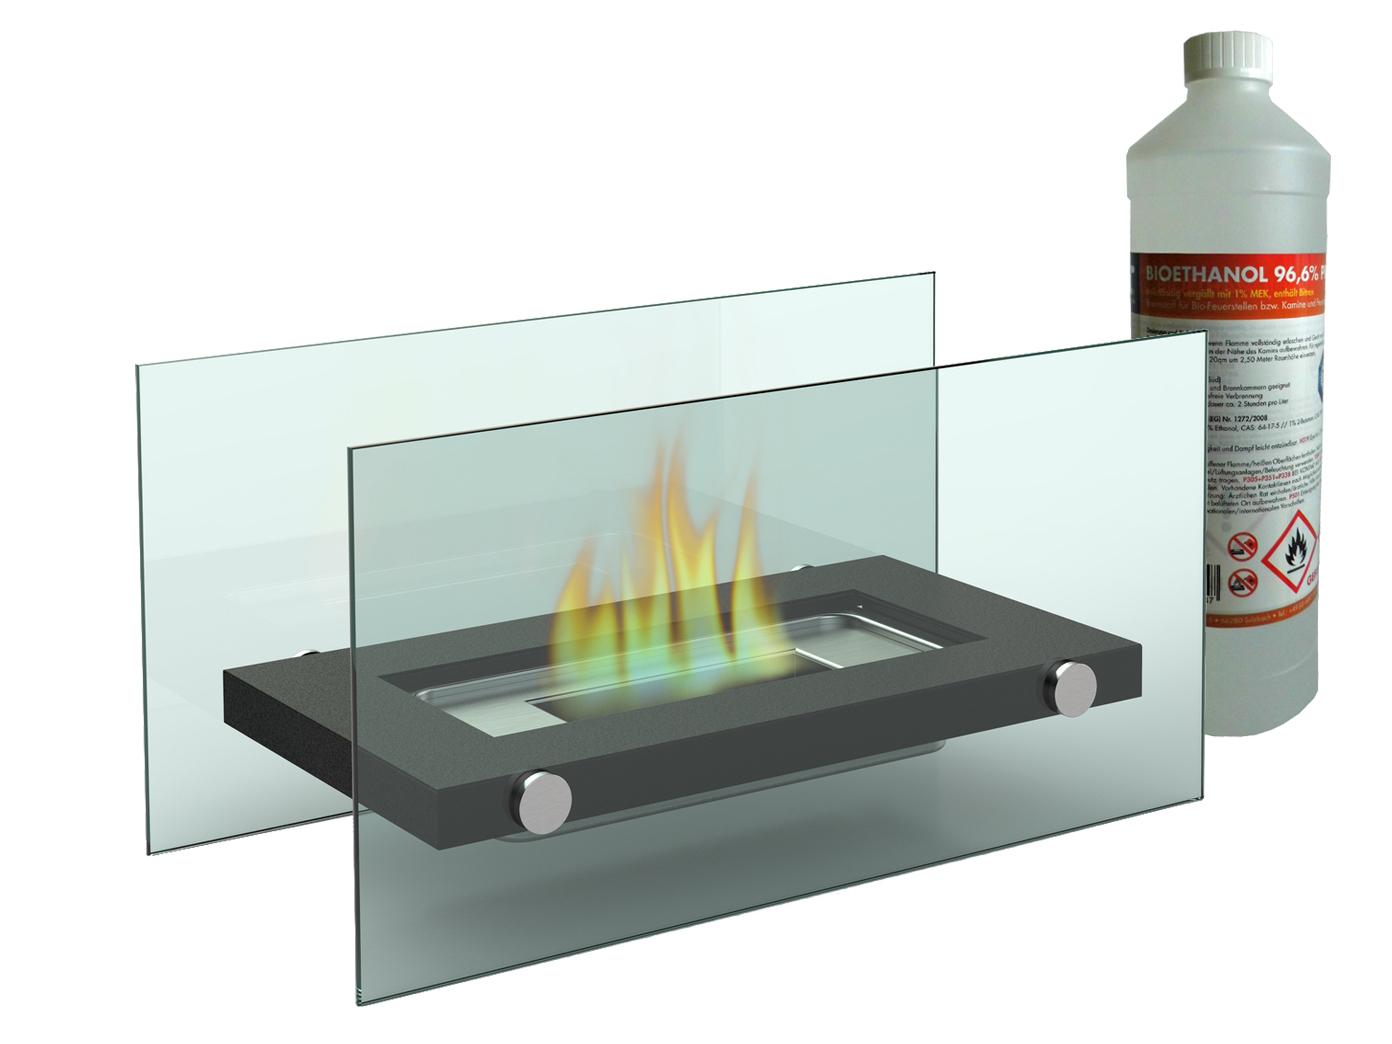 Gut bekannt Luxus Tischkamin + 1Liter Bio Ethanol Tischfeuer Glaskamin Kamin TL46